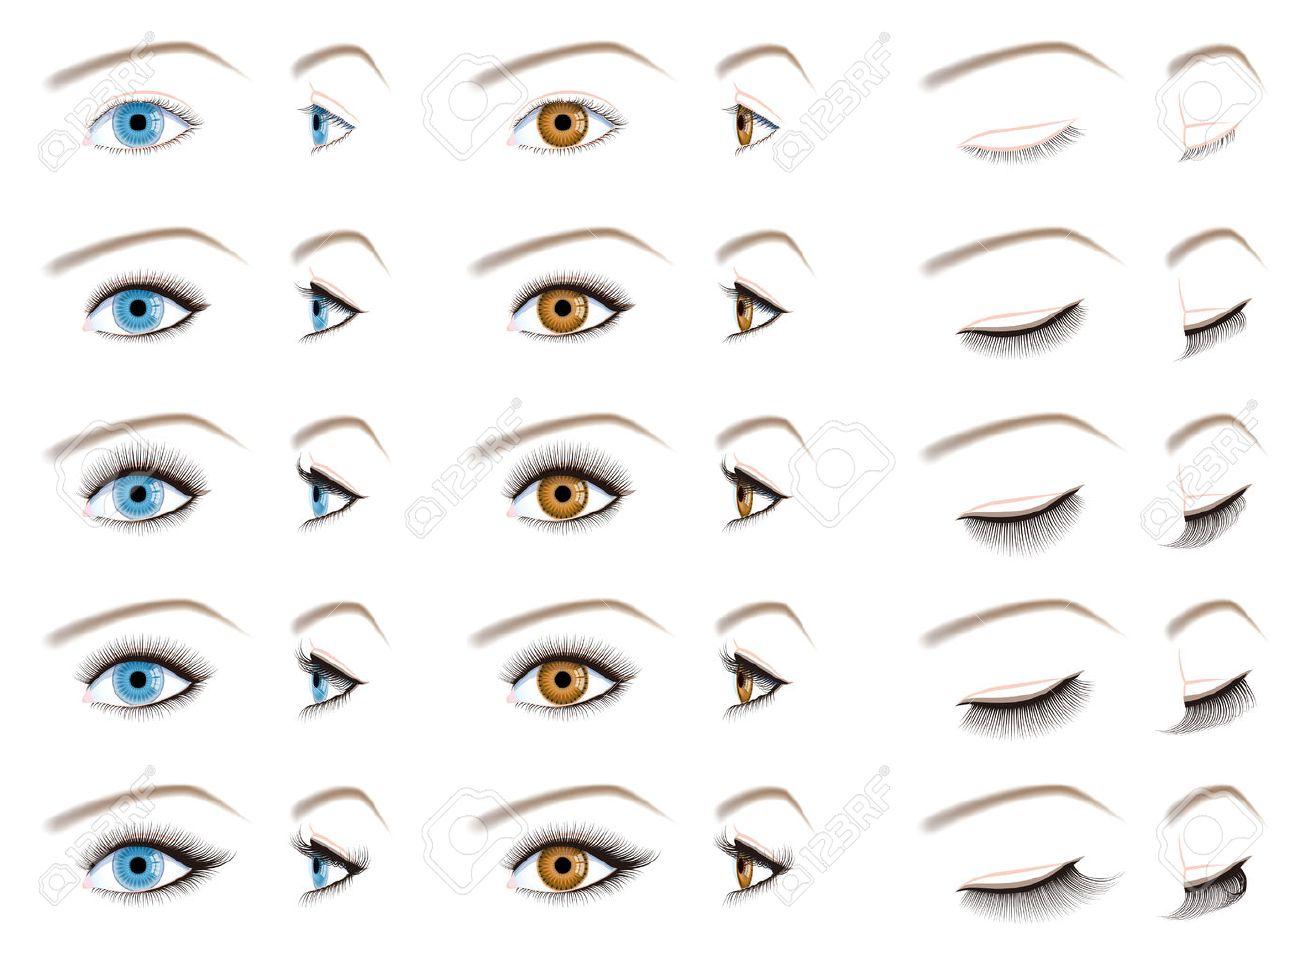 Eyelash extensions, false eyelashes type - 56784293